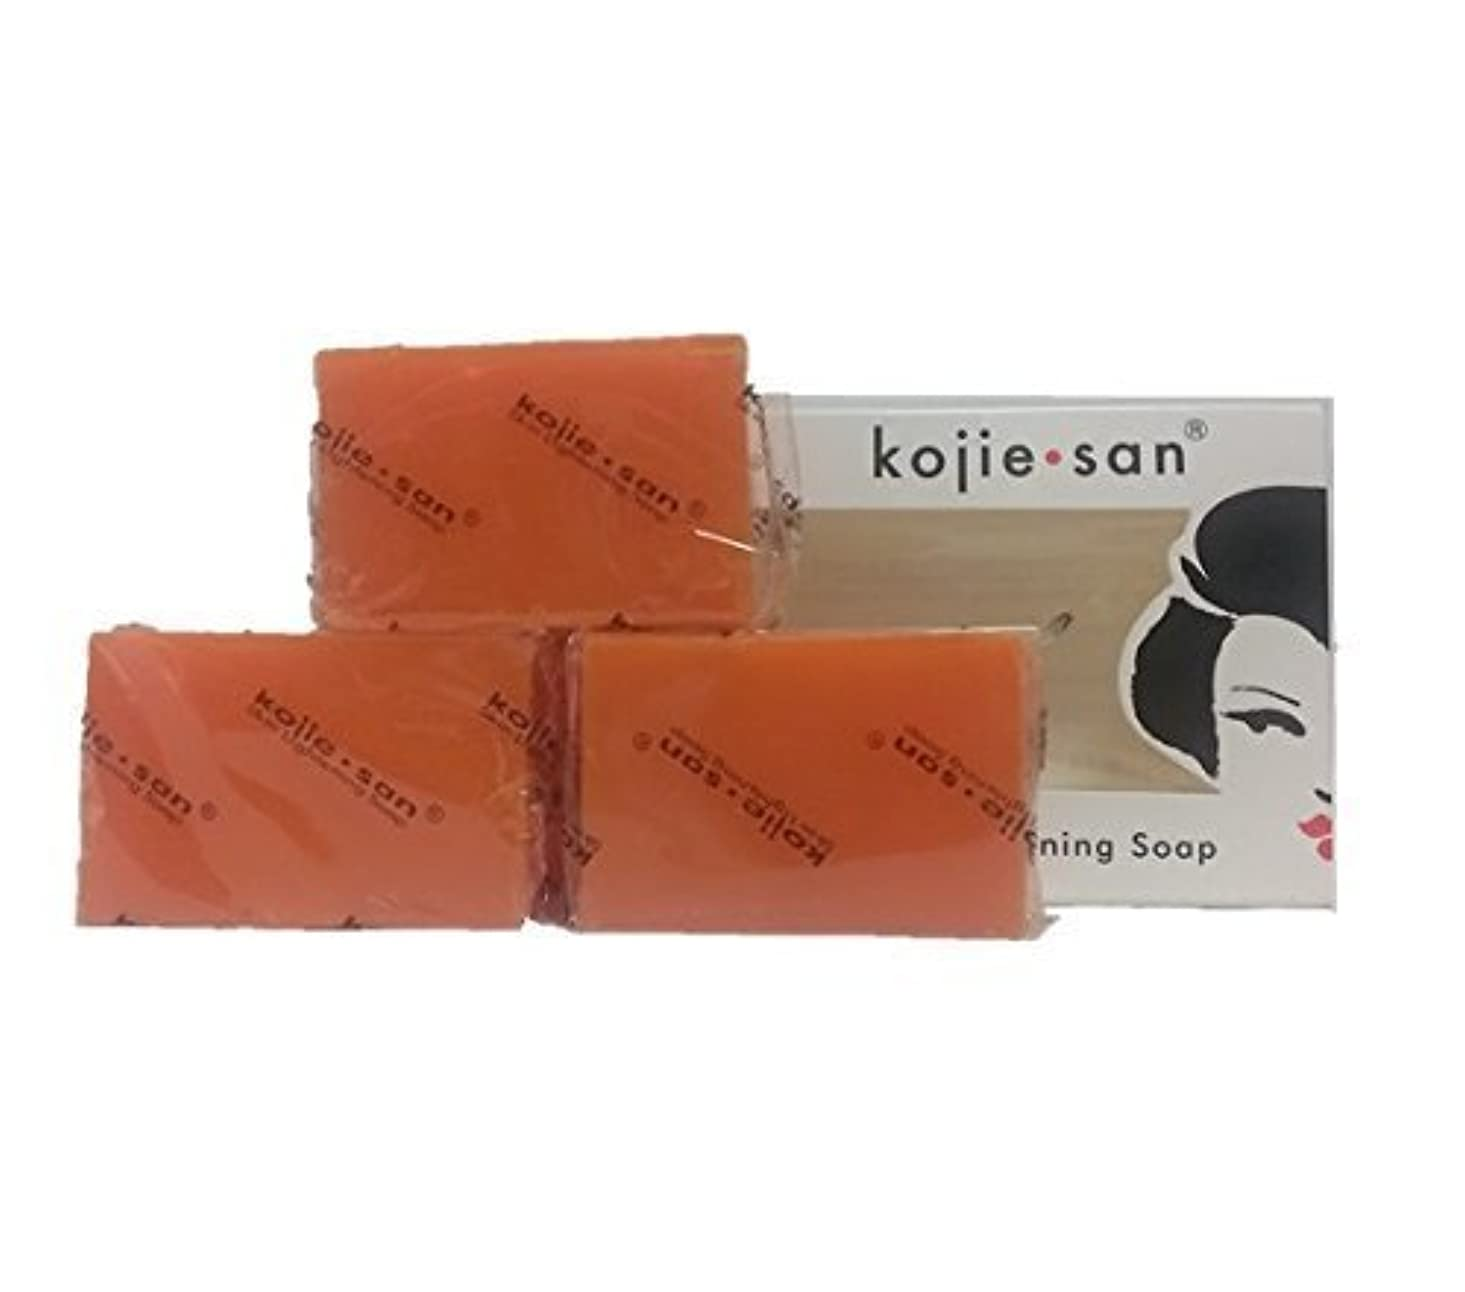 マンハッタン俳優とは異なりKojie san Skin Lightning Soap 3 pcs こじえさんスキンライトニングソープ3個パック [並行輸入品]